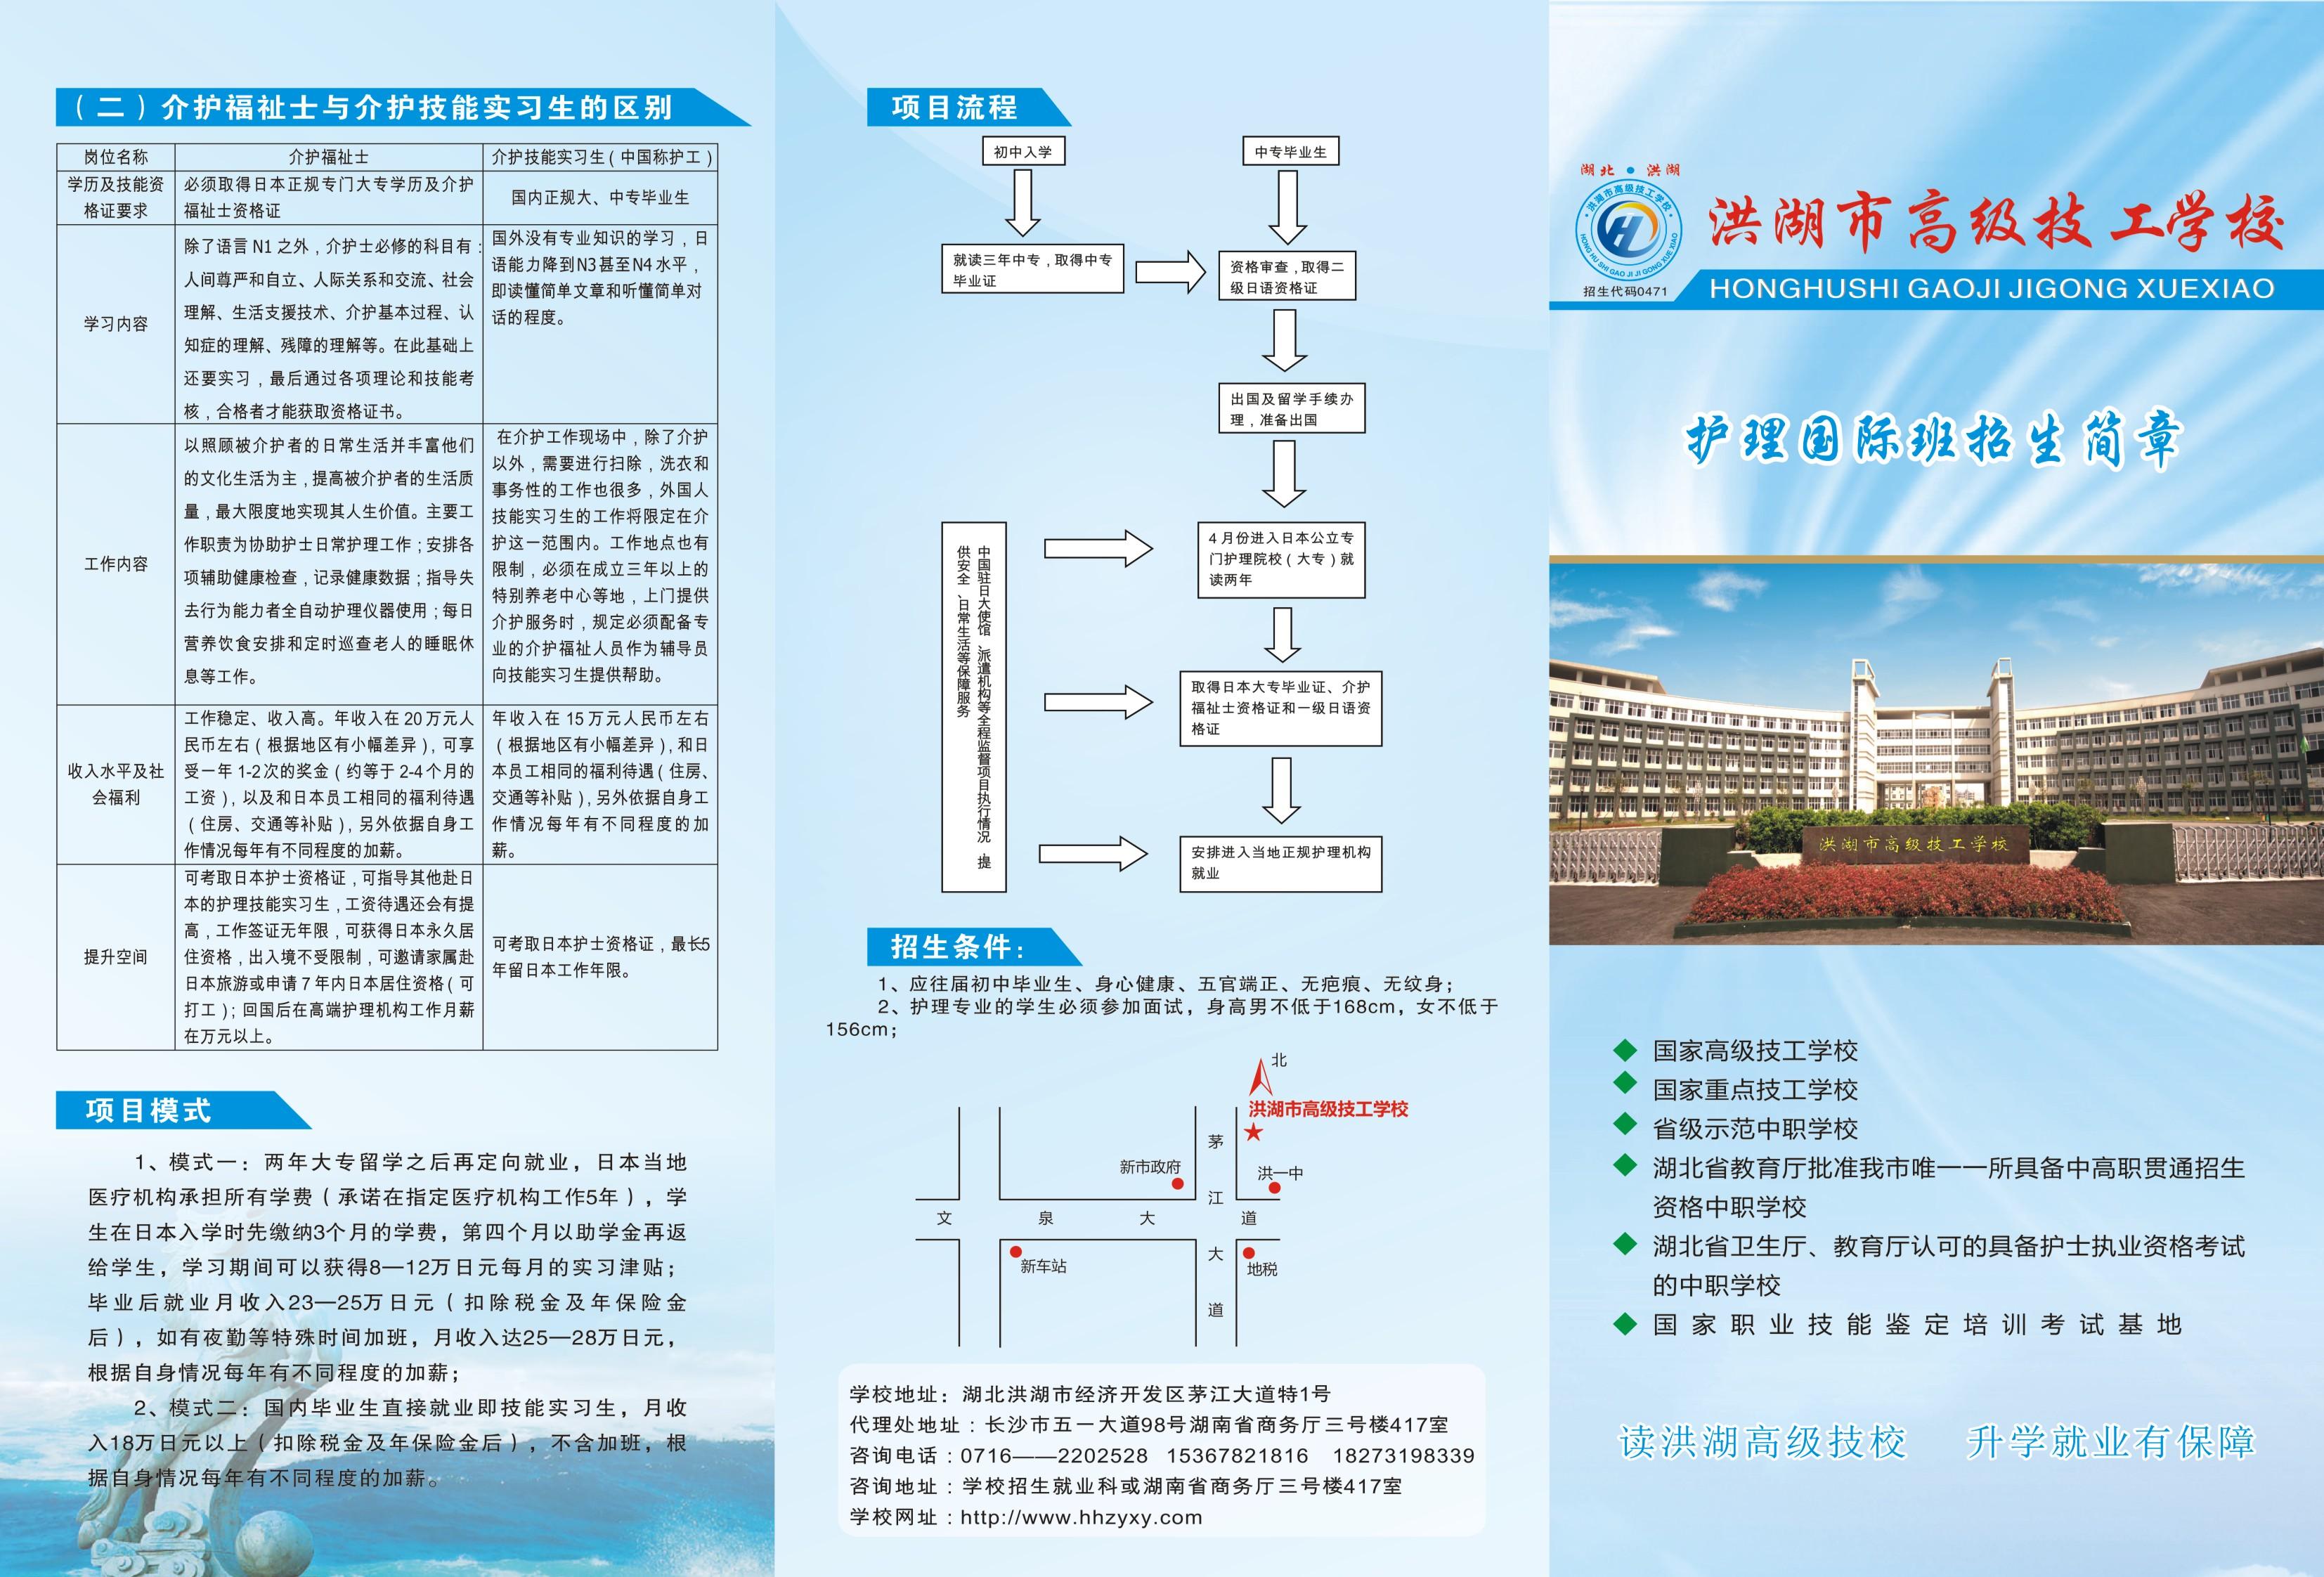 湖南地区护理专业诚邀招生合作者